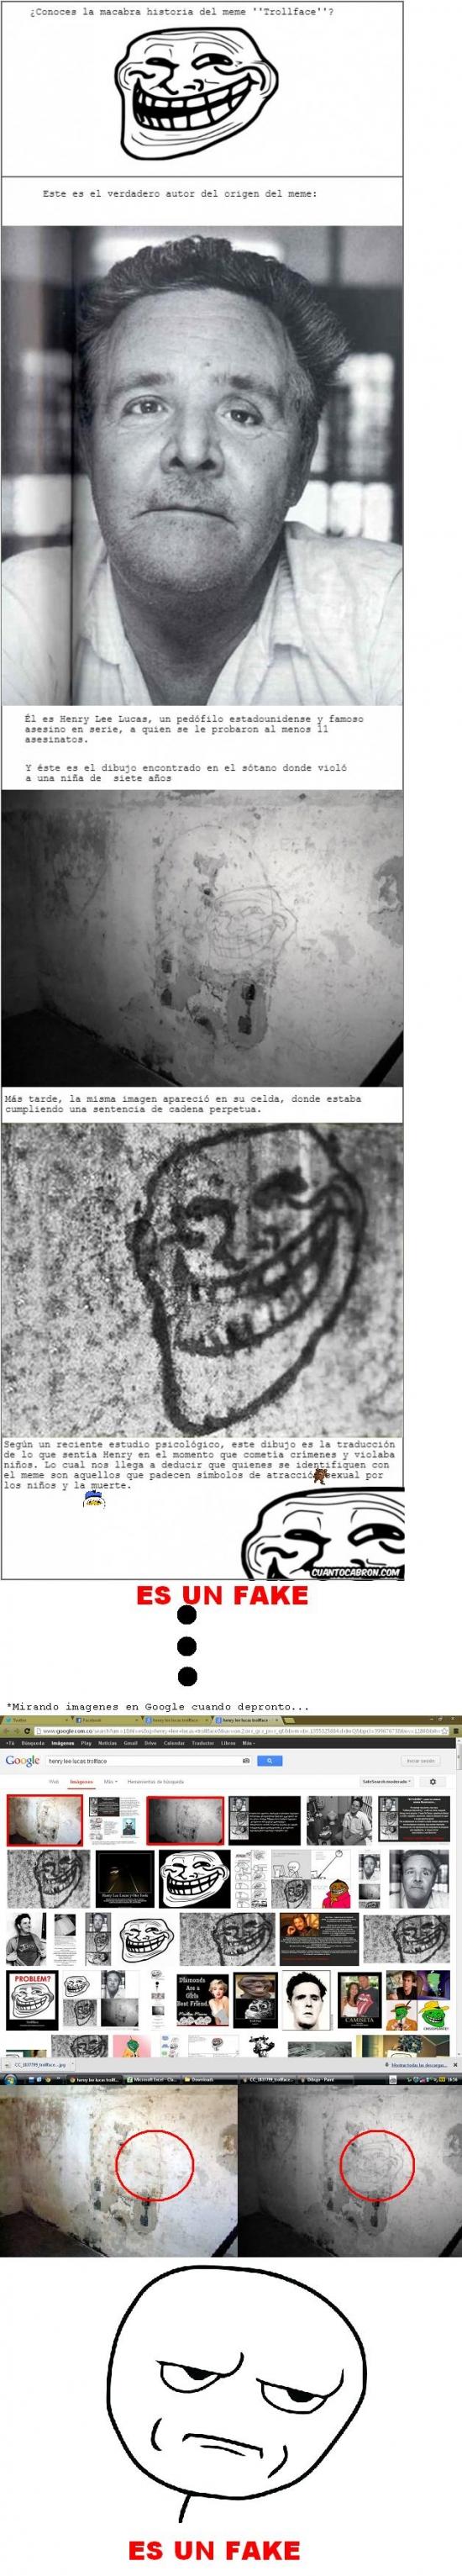 Kidding_me - La verdadera historia de trollface